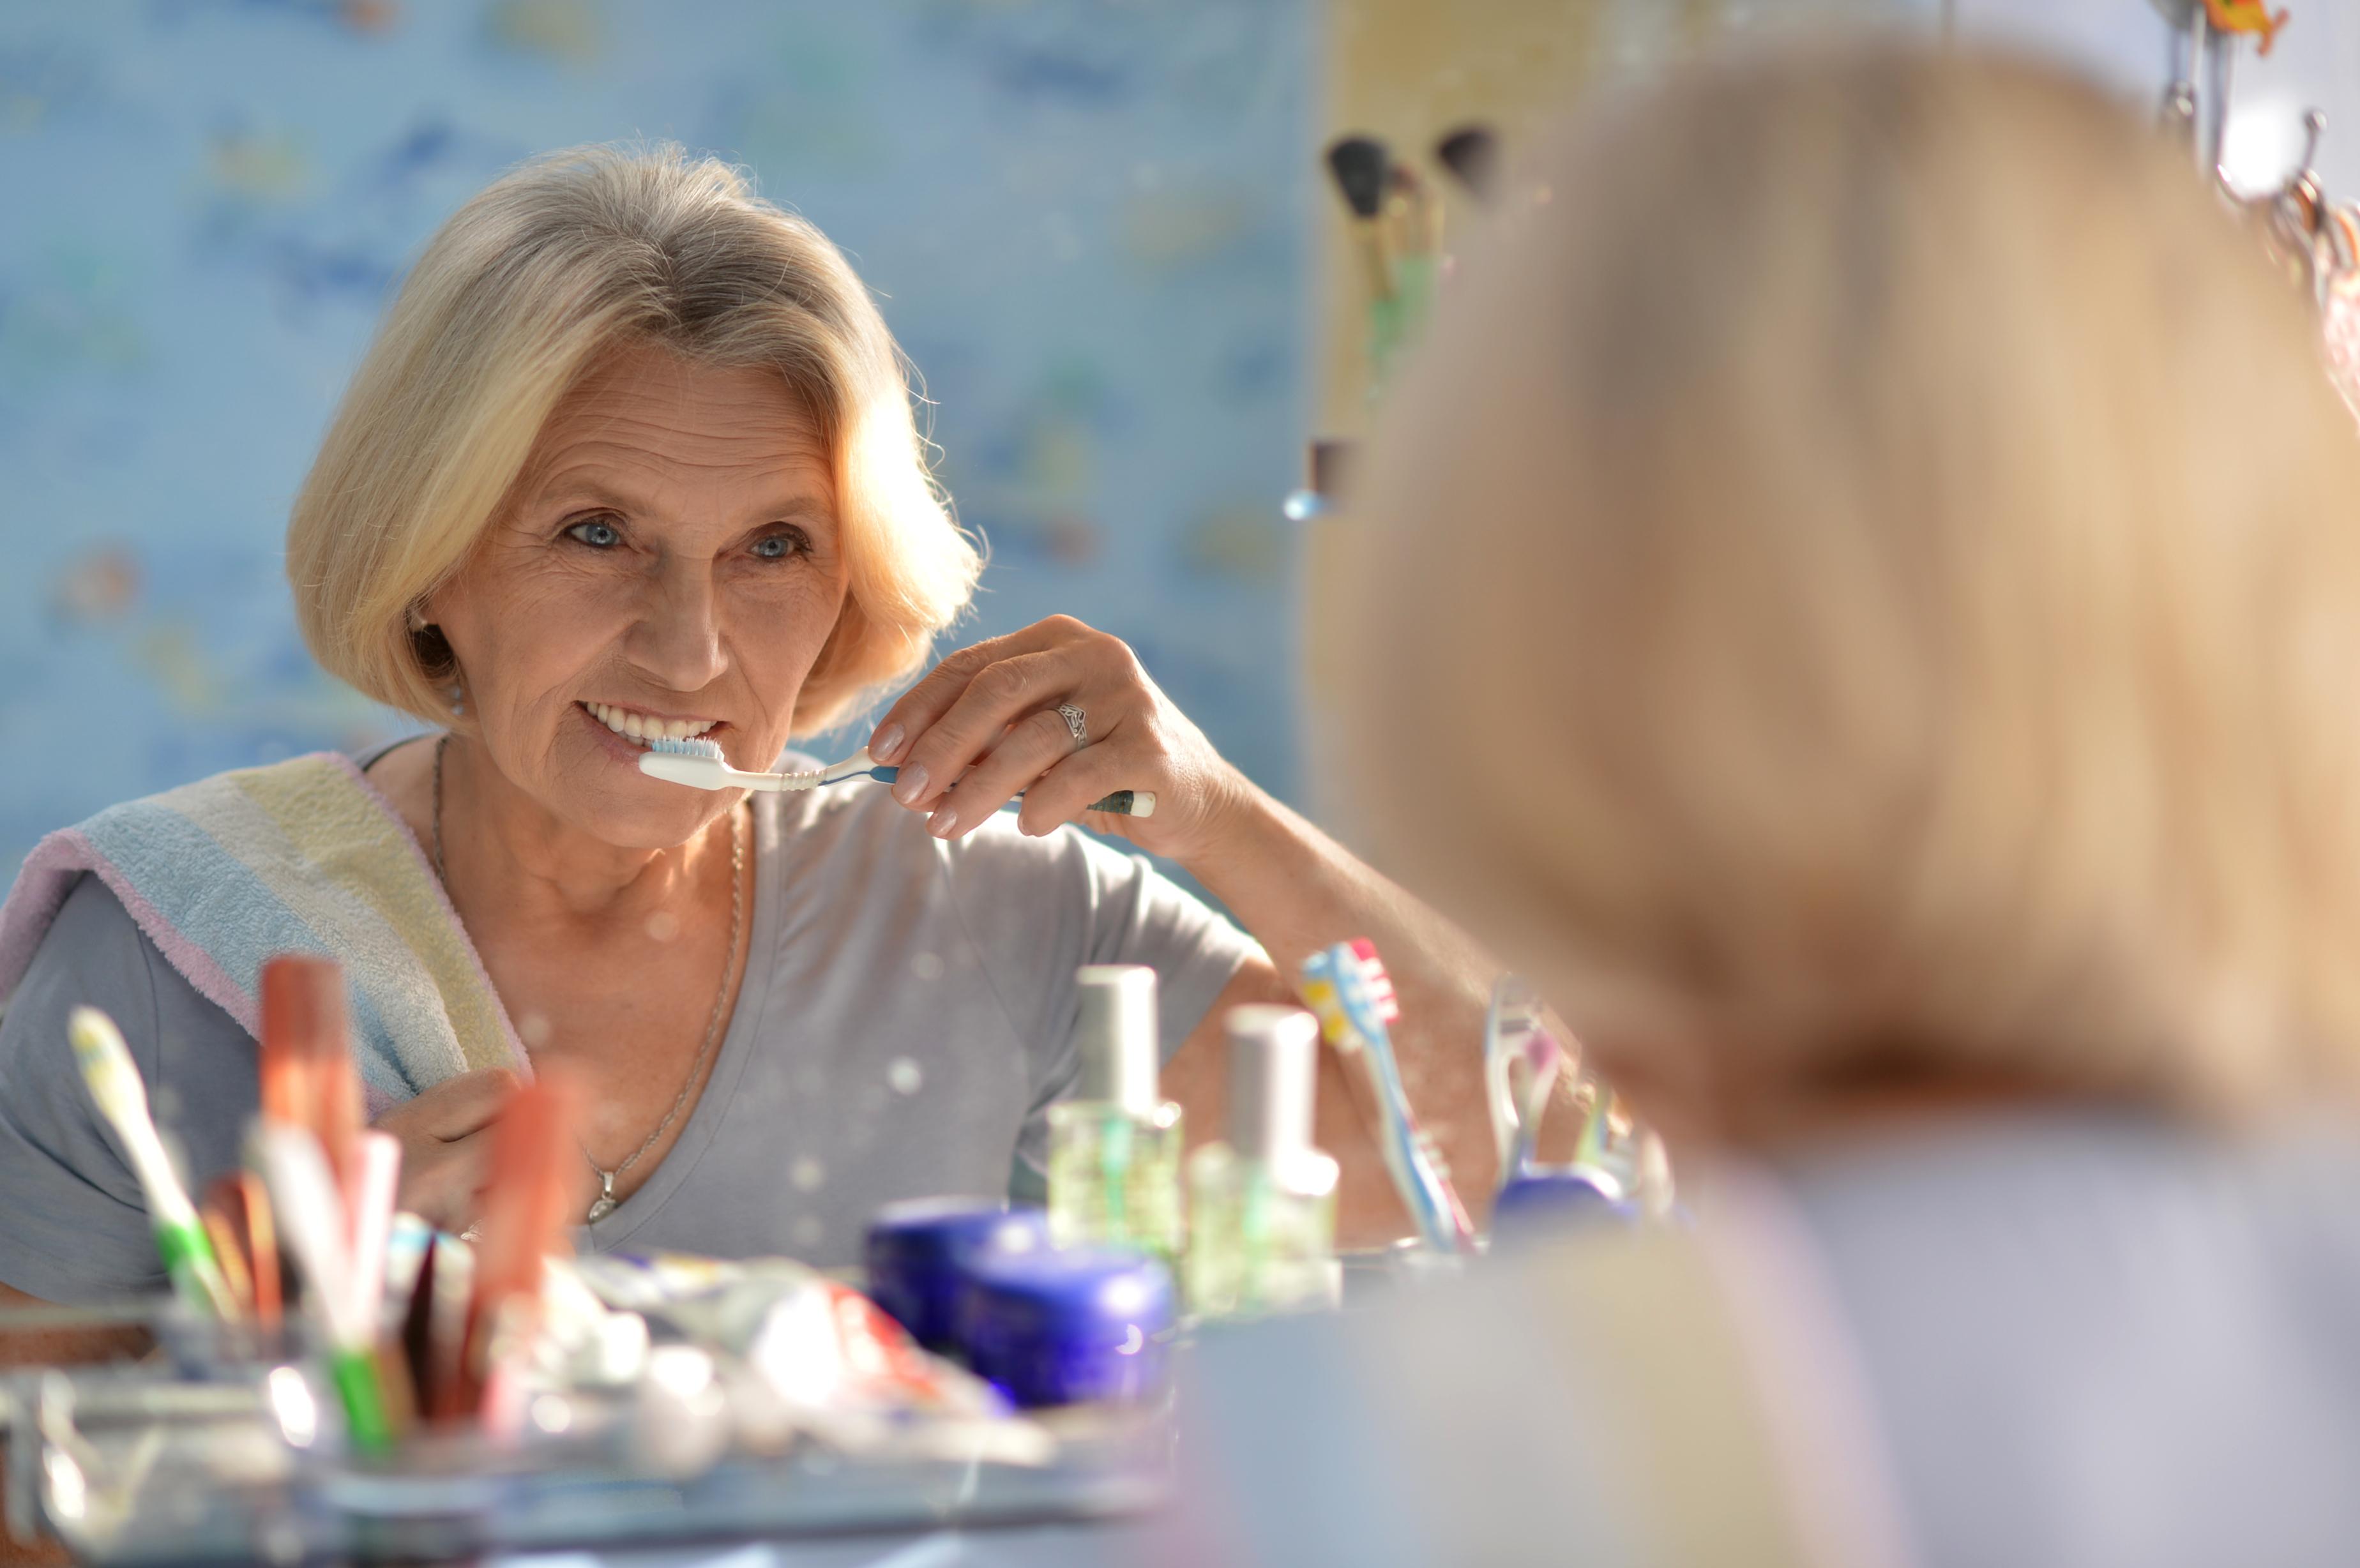 Higiena protez zębowych. Stomatolog przypomina, że pielęgnacja protez jest tak samo ważna, jak naturalnych zębów.